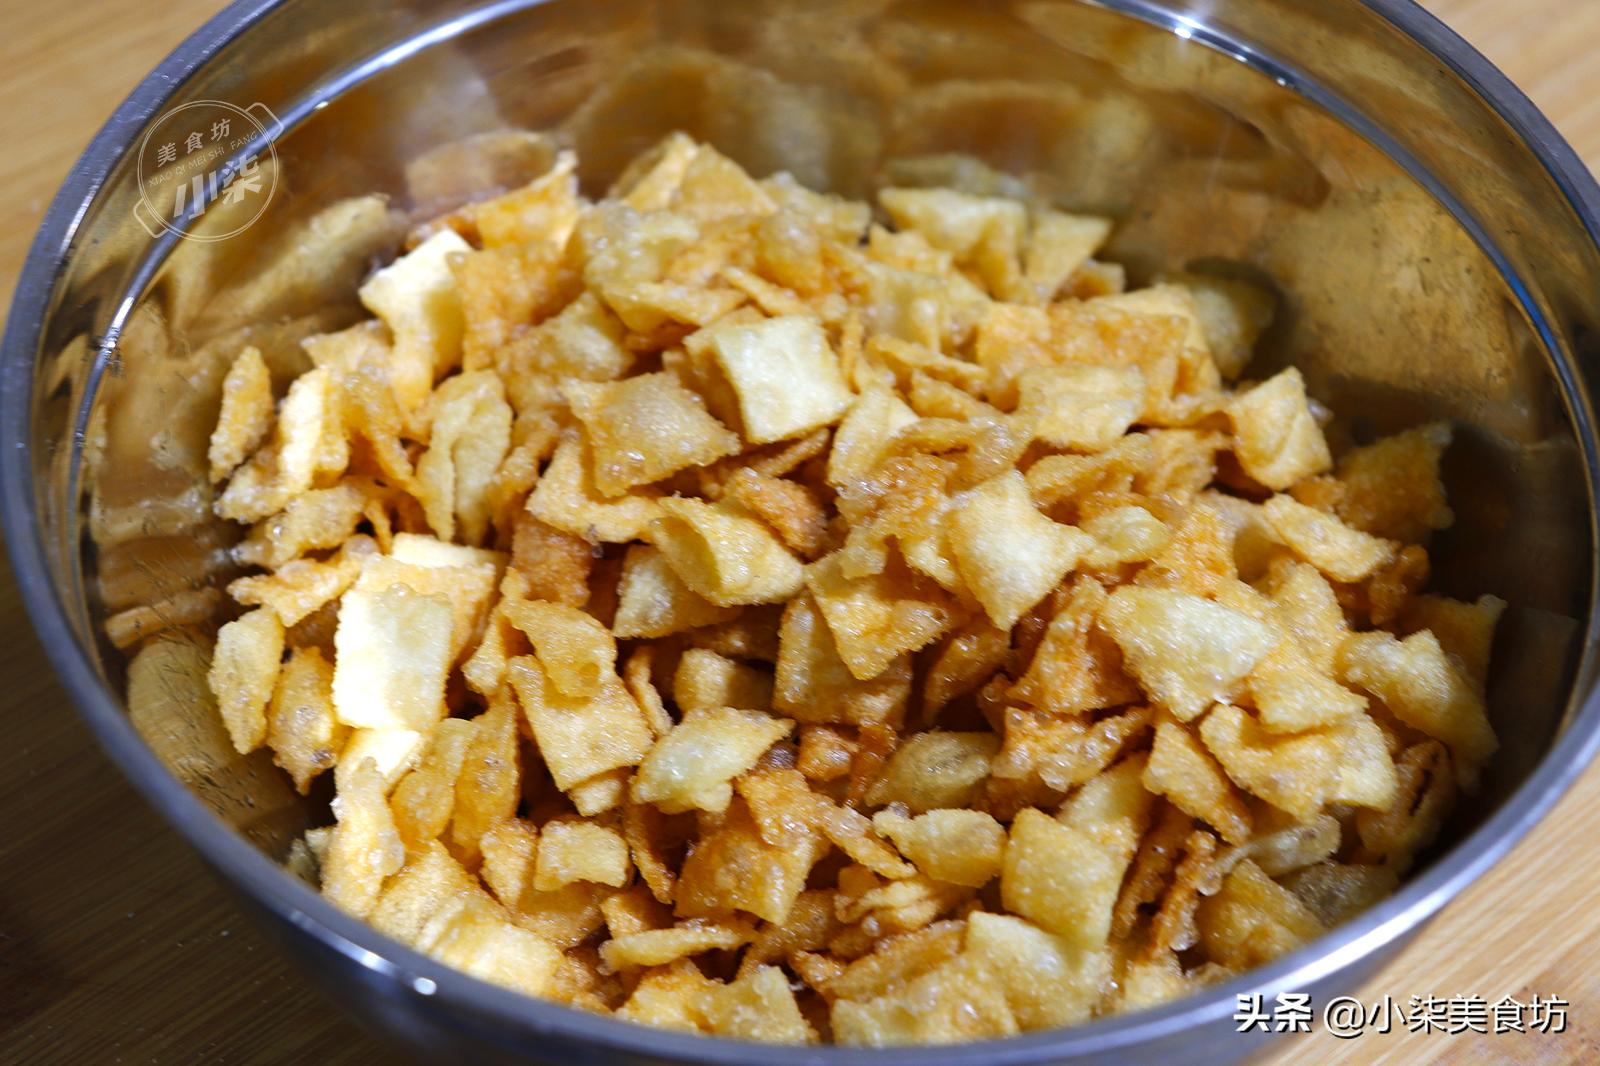 餃子皮扔進油鍋中,瞬間變美食,我家一周吃5次,比買的都解饞